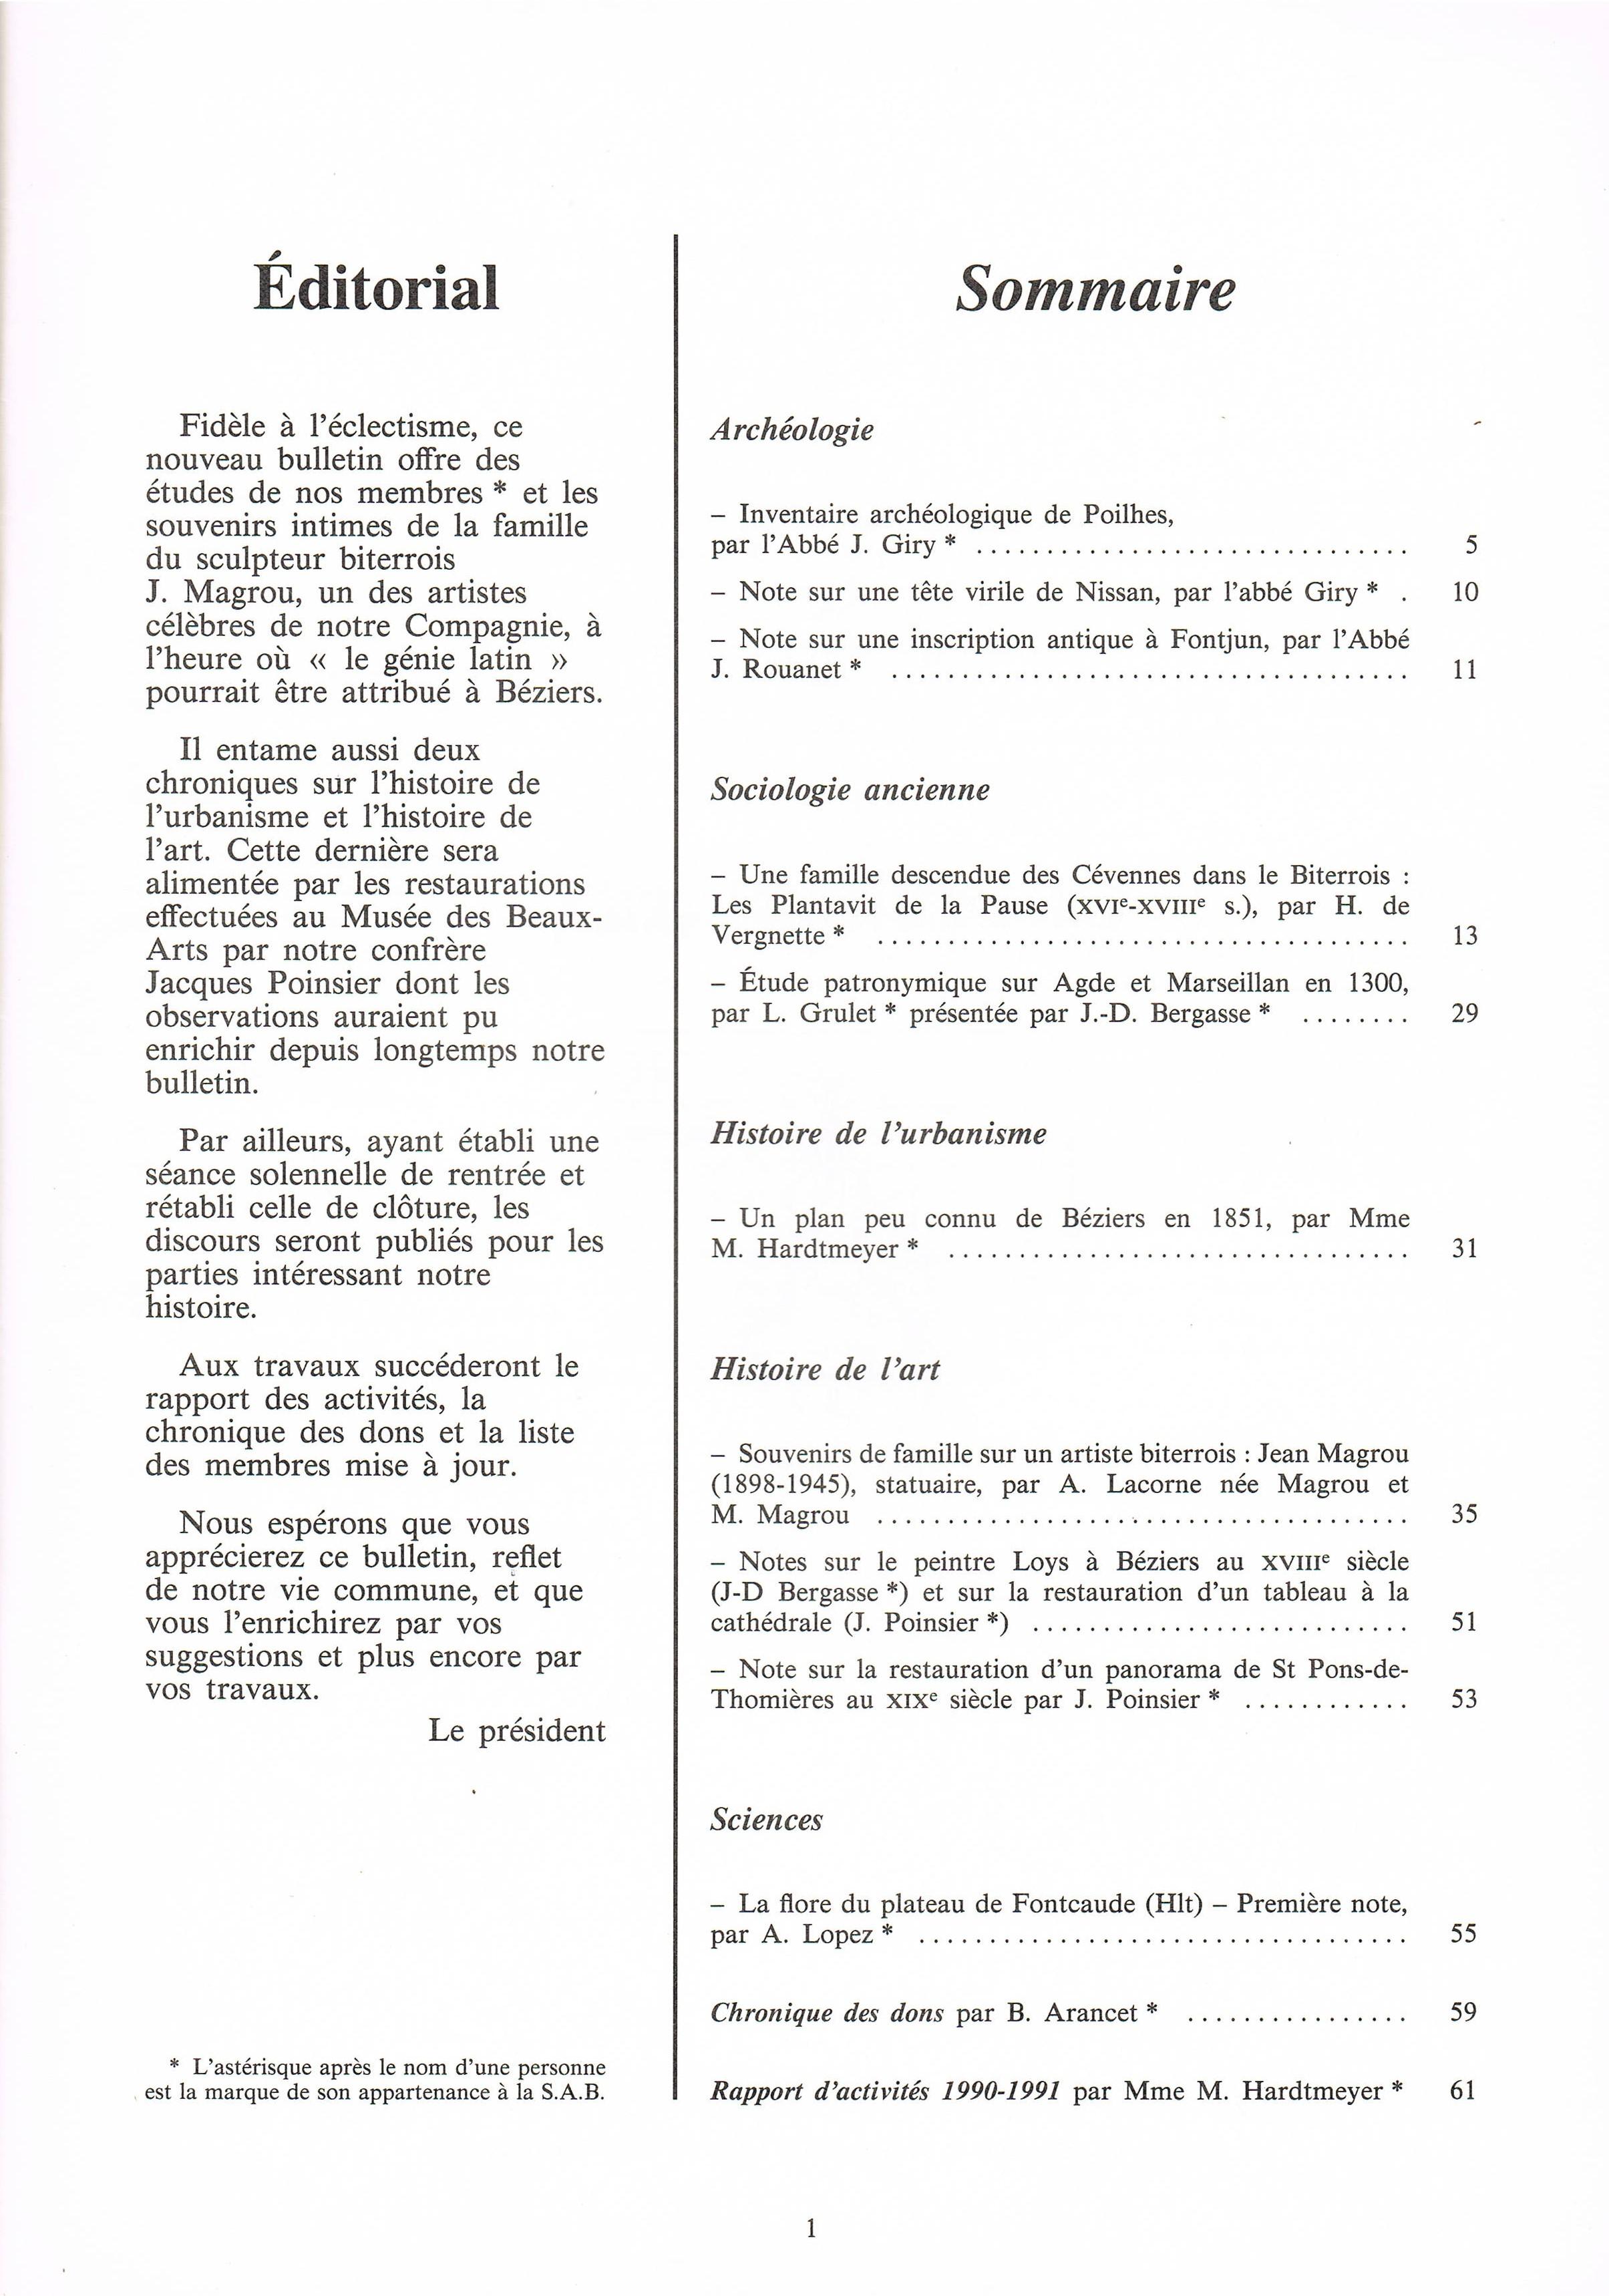 Bulletin_1990_1991_sommaire